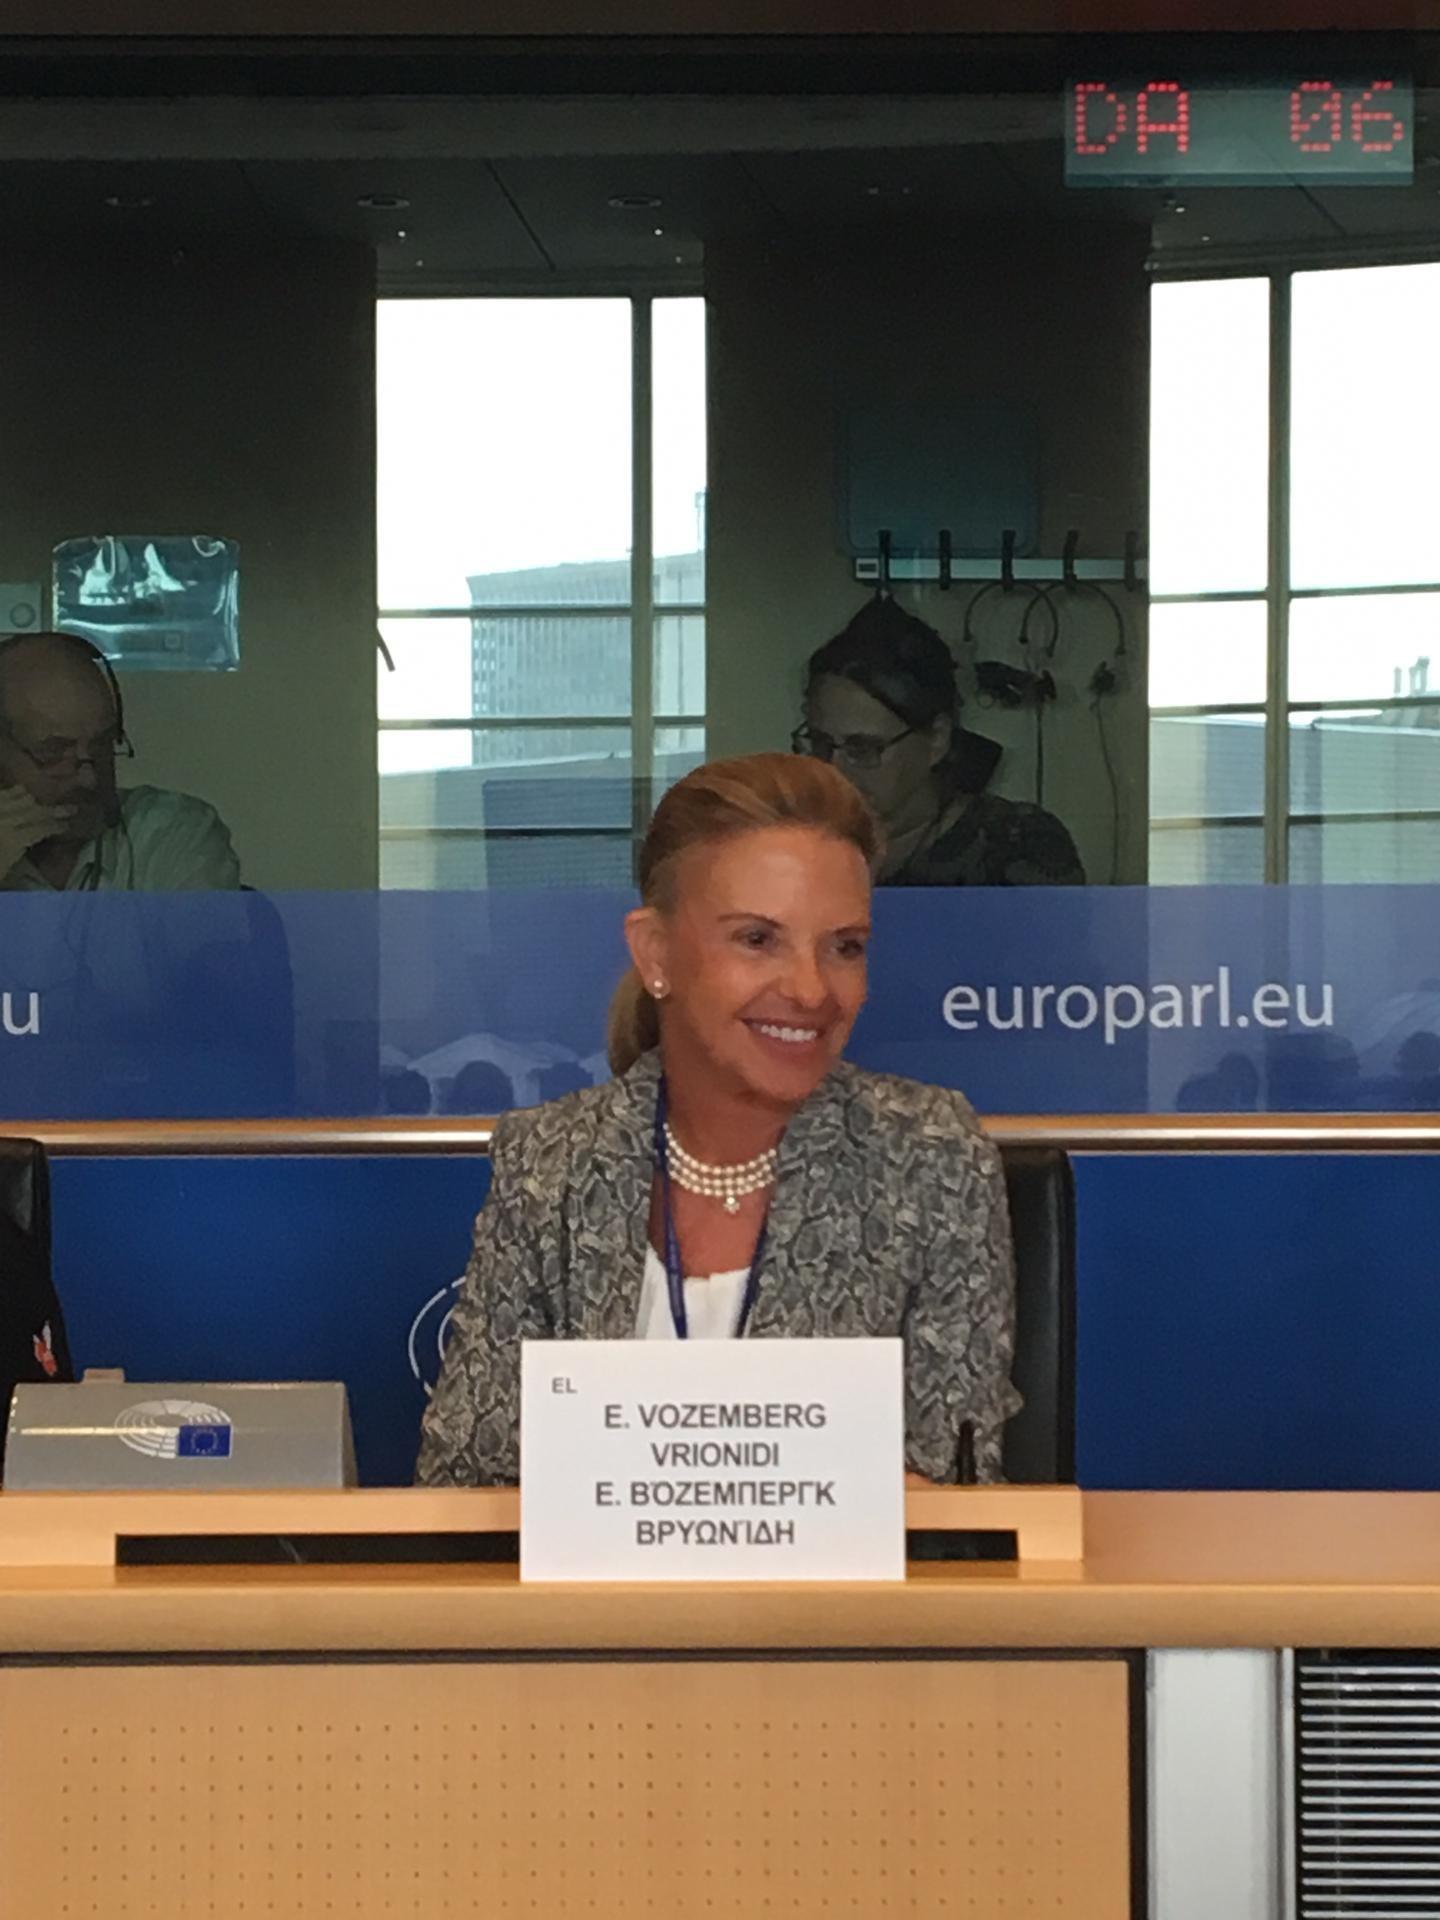 Αντιπρόεδρος_Ελίζα_Βόζεμπεργκ_FEMM_Δικαιωμάτα_Γυναικών